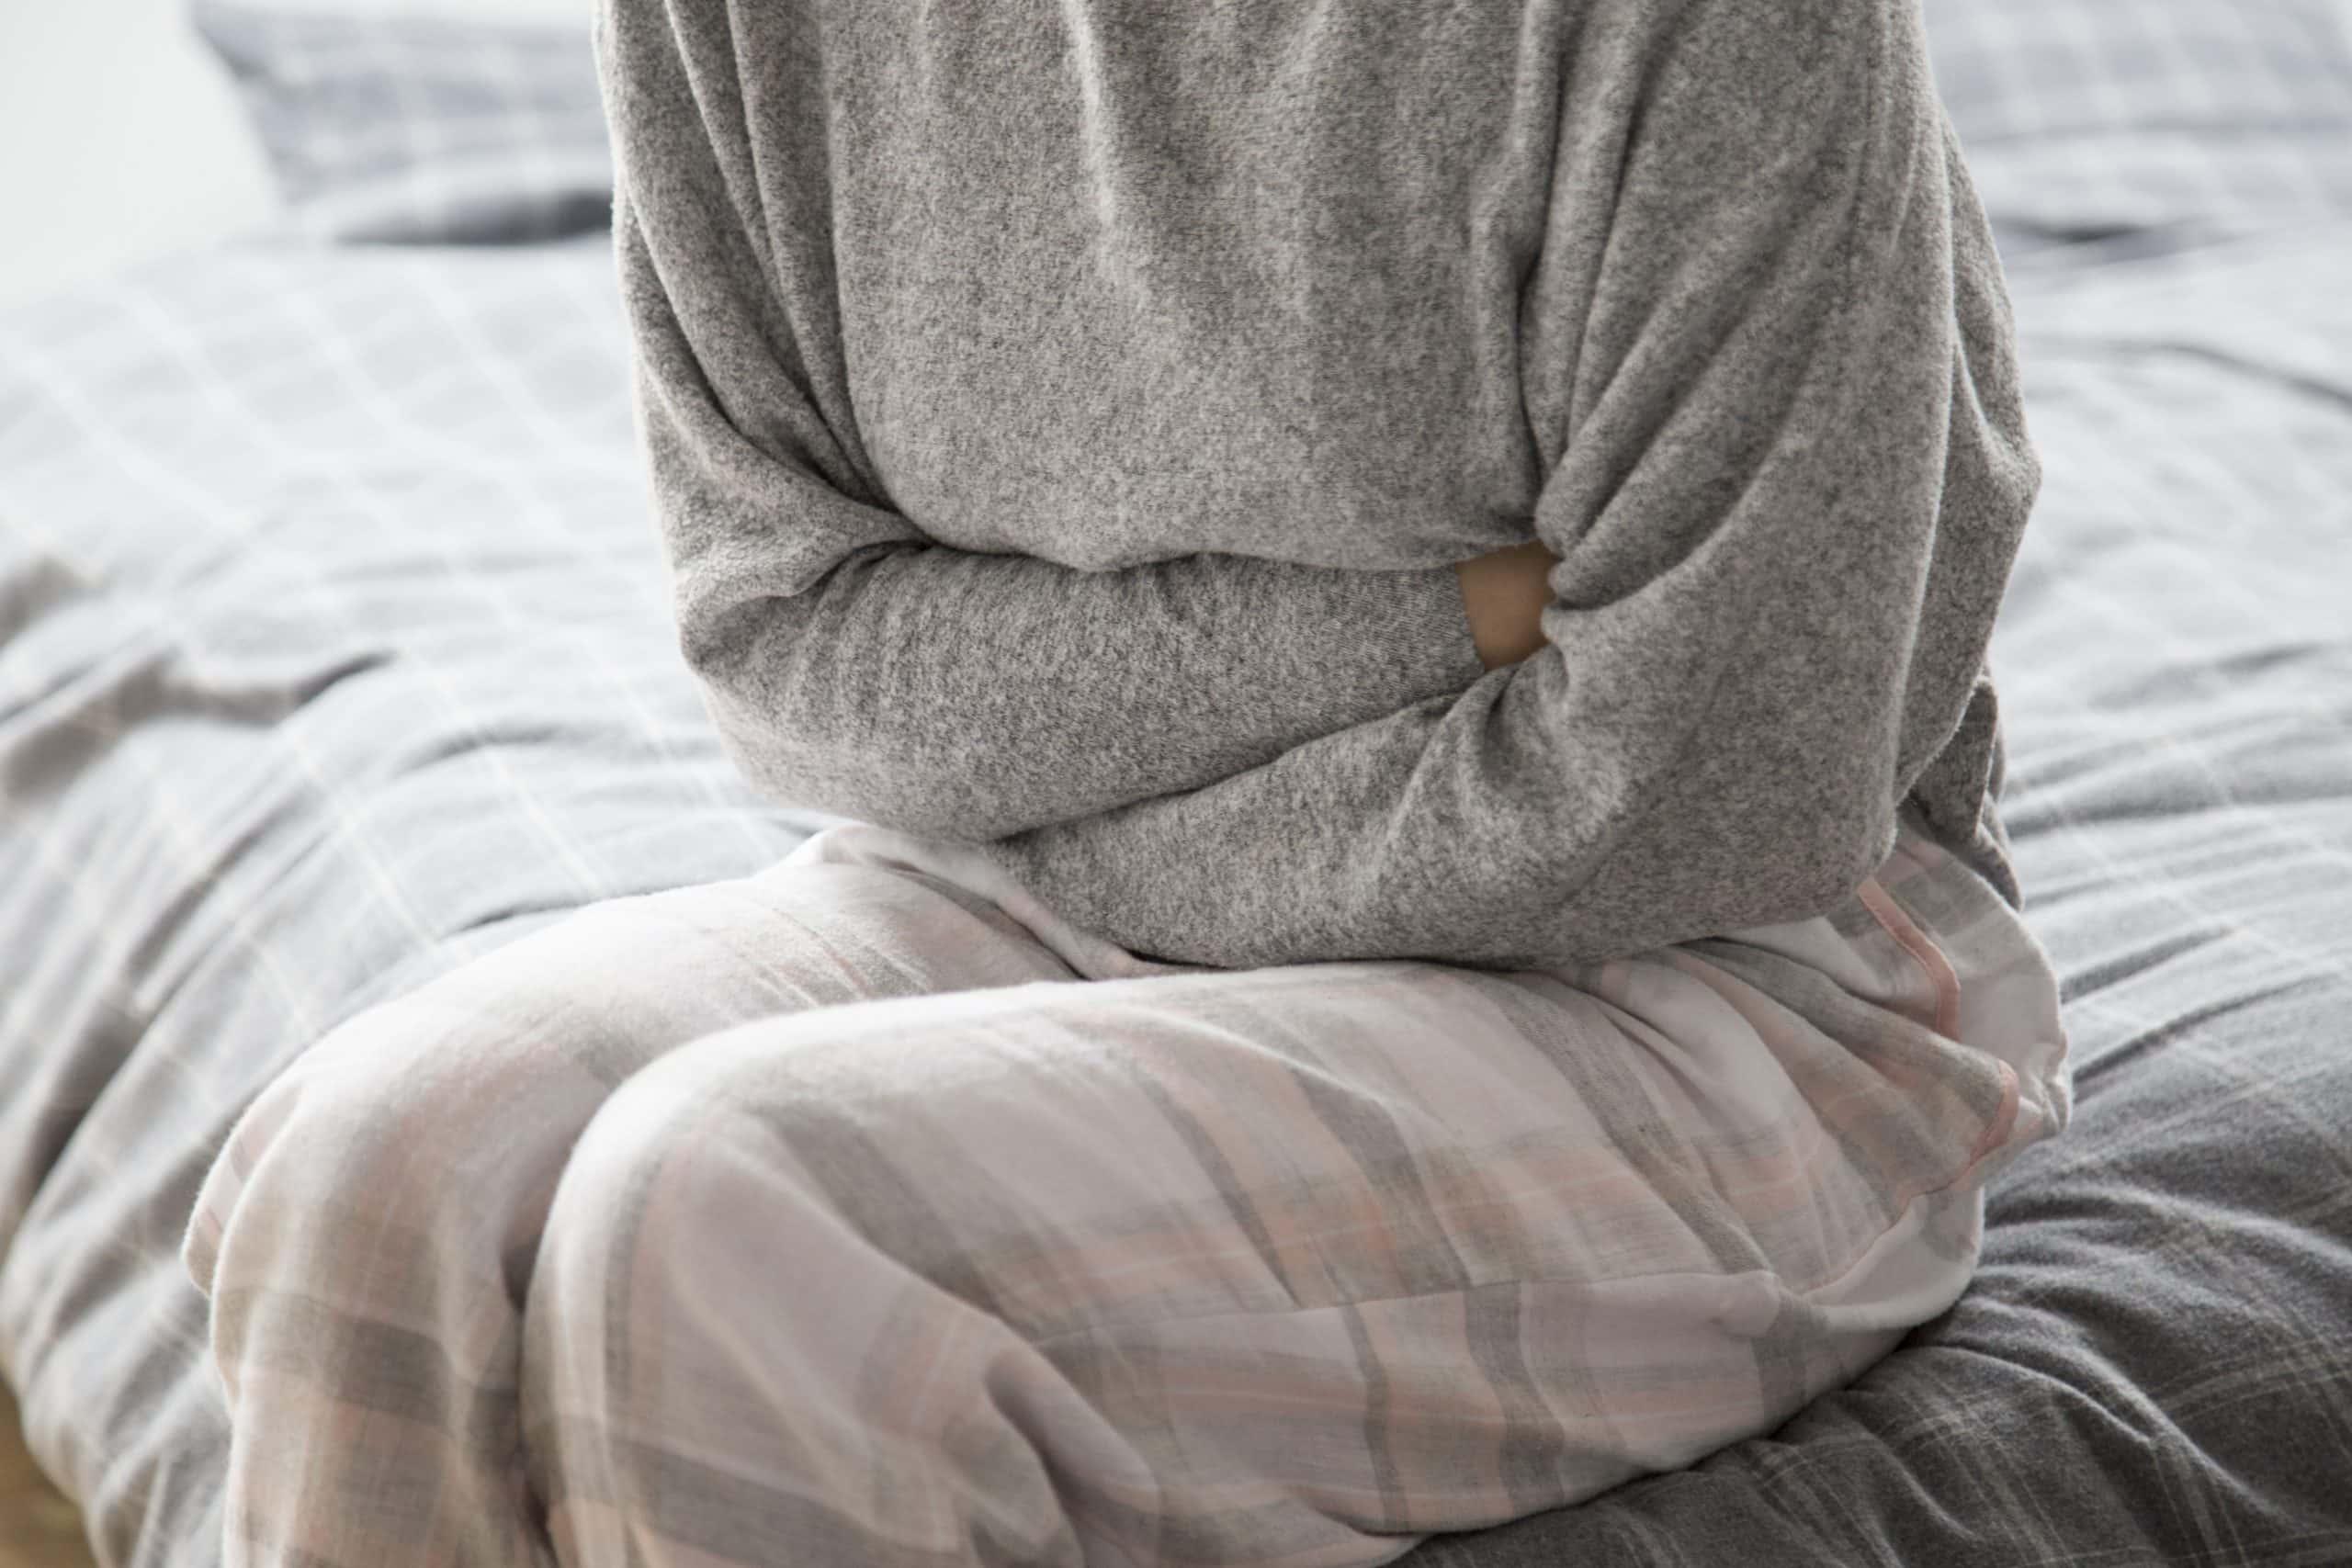 Fibroids' Symptoms